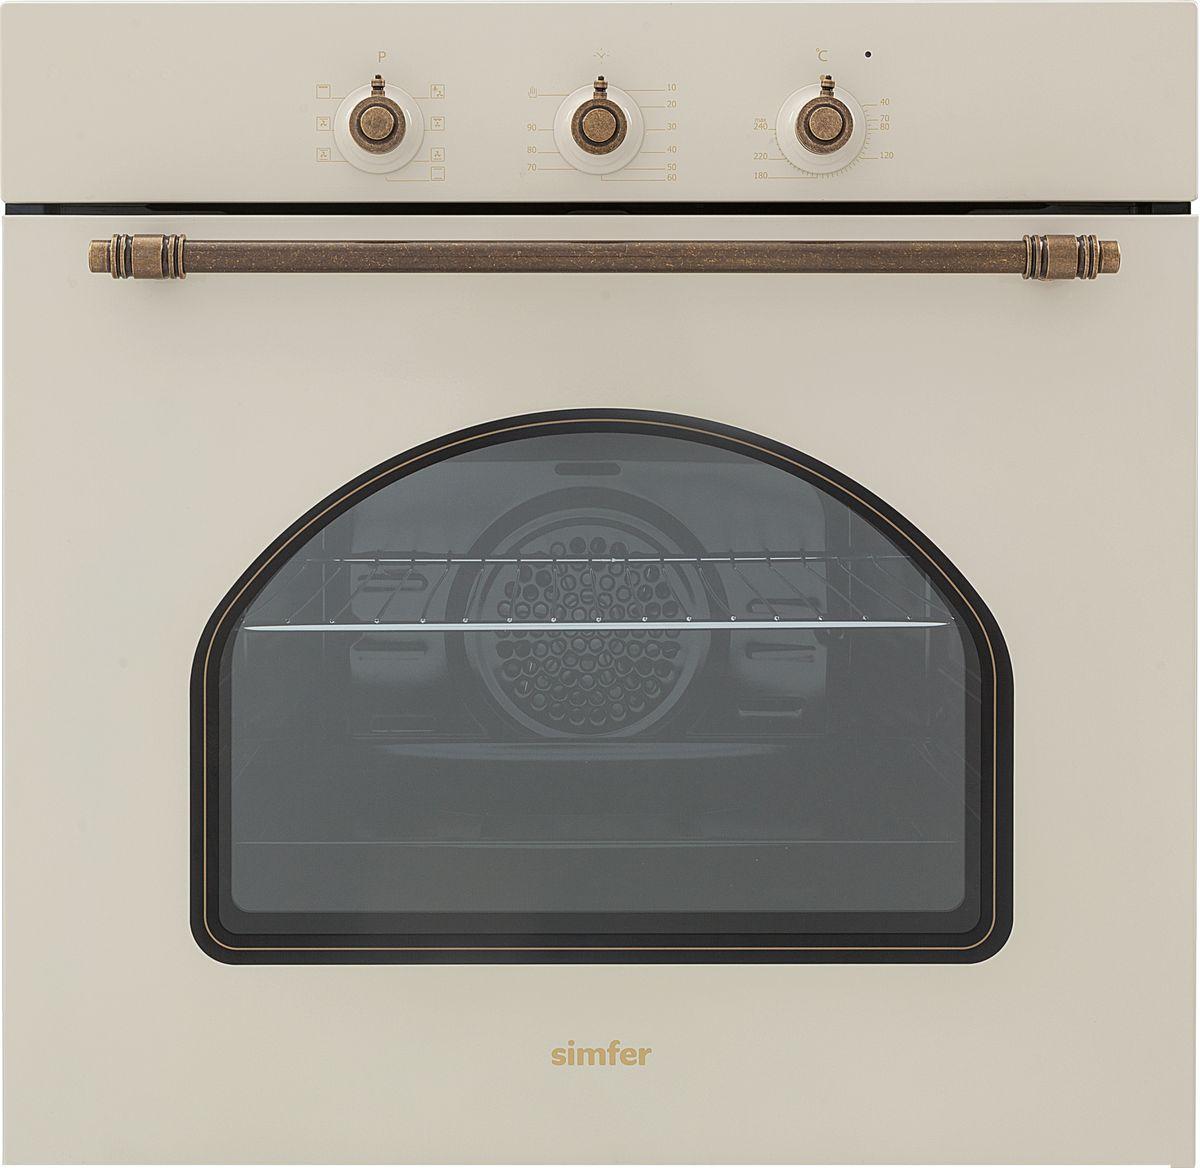 лучшая цена Электрический духовой шкаф встраиваемый Simfer B6EO18017, White